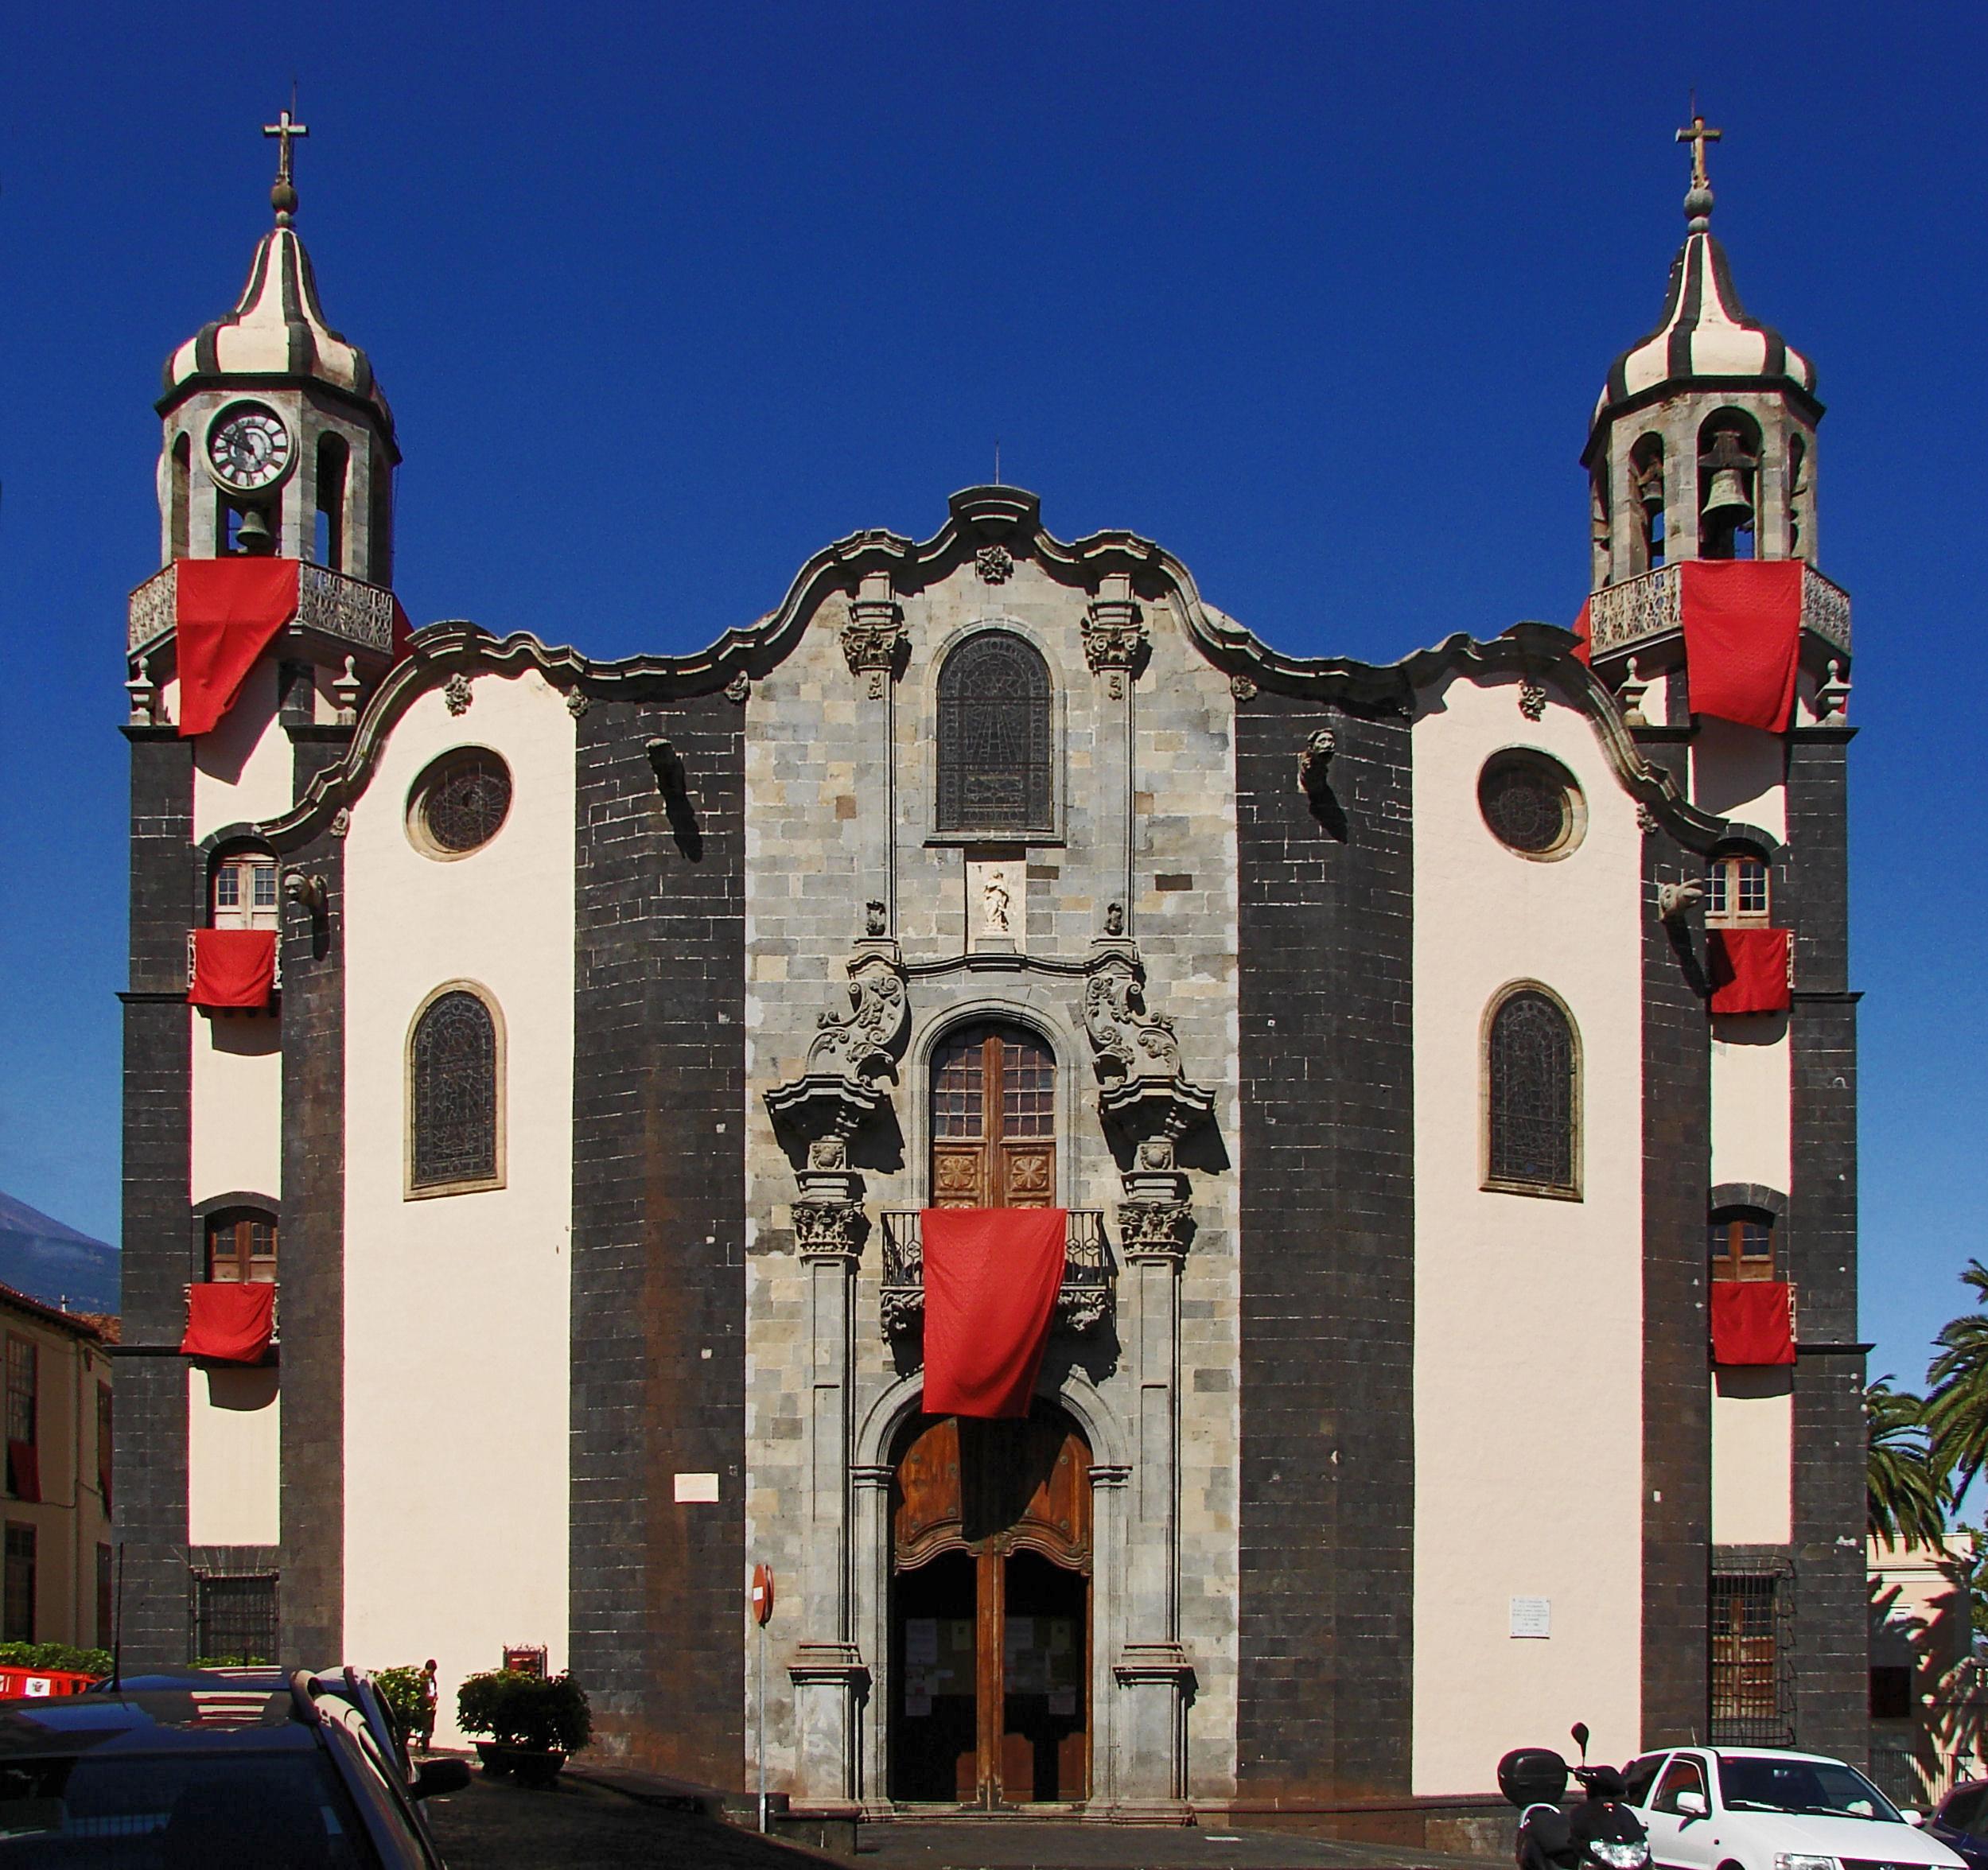 Iglesia de La Concepción di La Orotava - Wikipedia